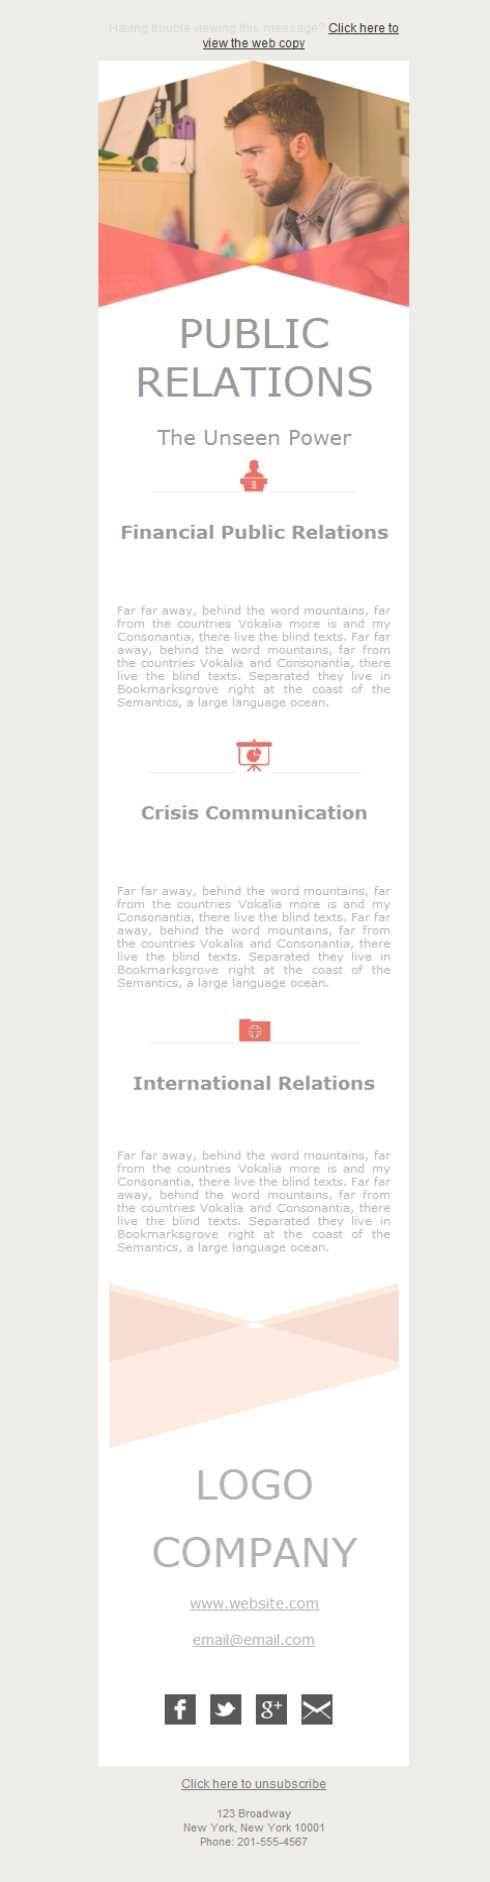 Versión responsive de plantillas newsletter para  agencias de relaciones públicas, llegarás a todos tus clientes.